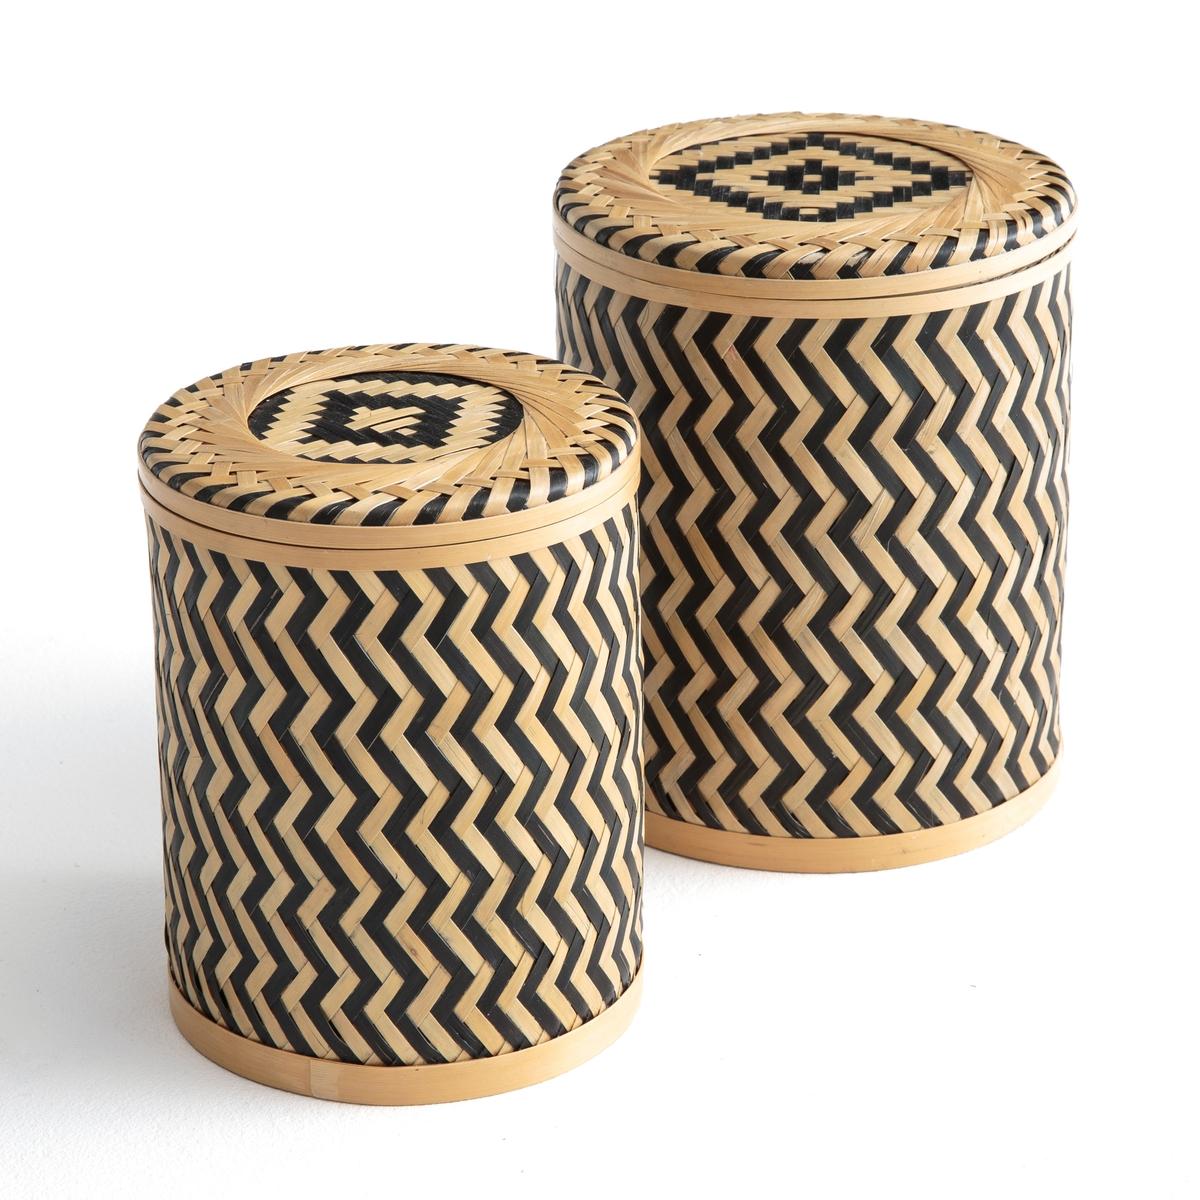 2 коробки из плтеного бамбука BACHA